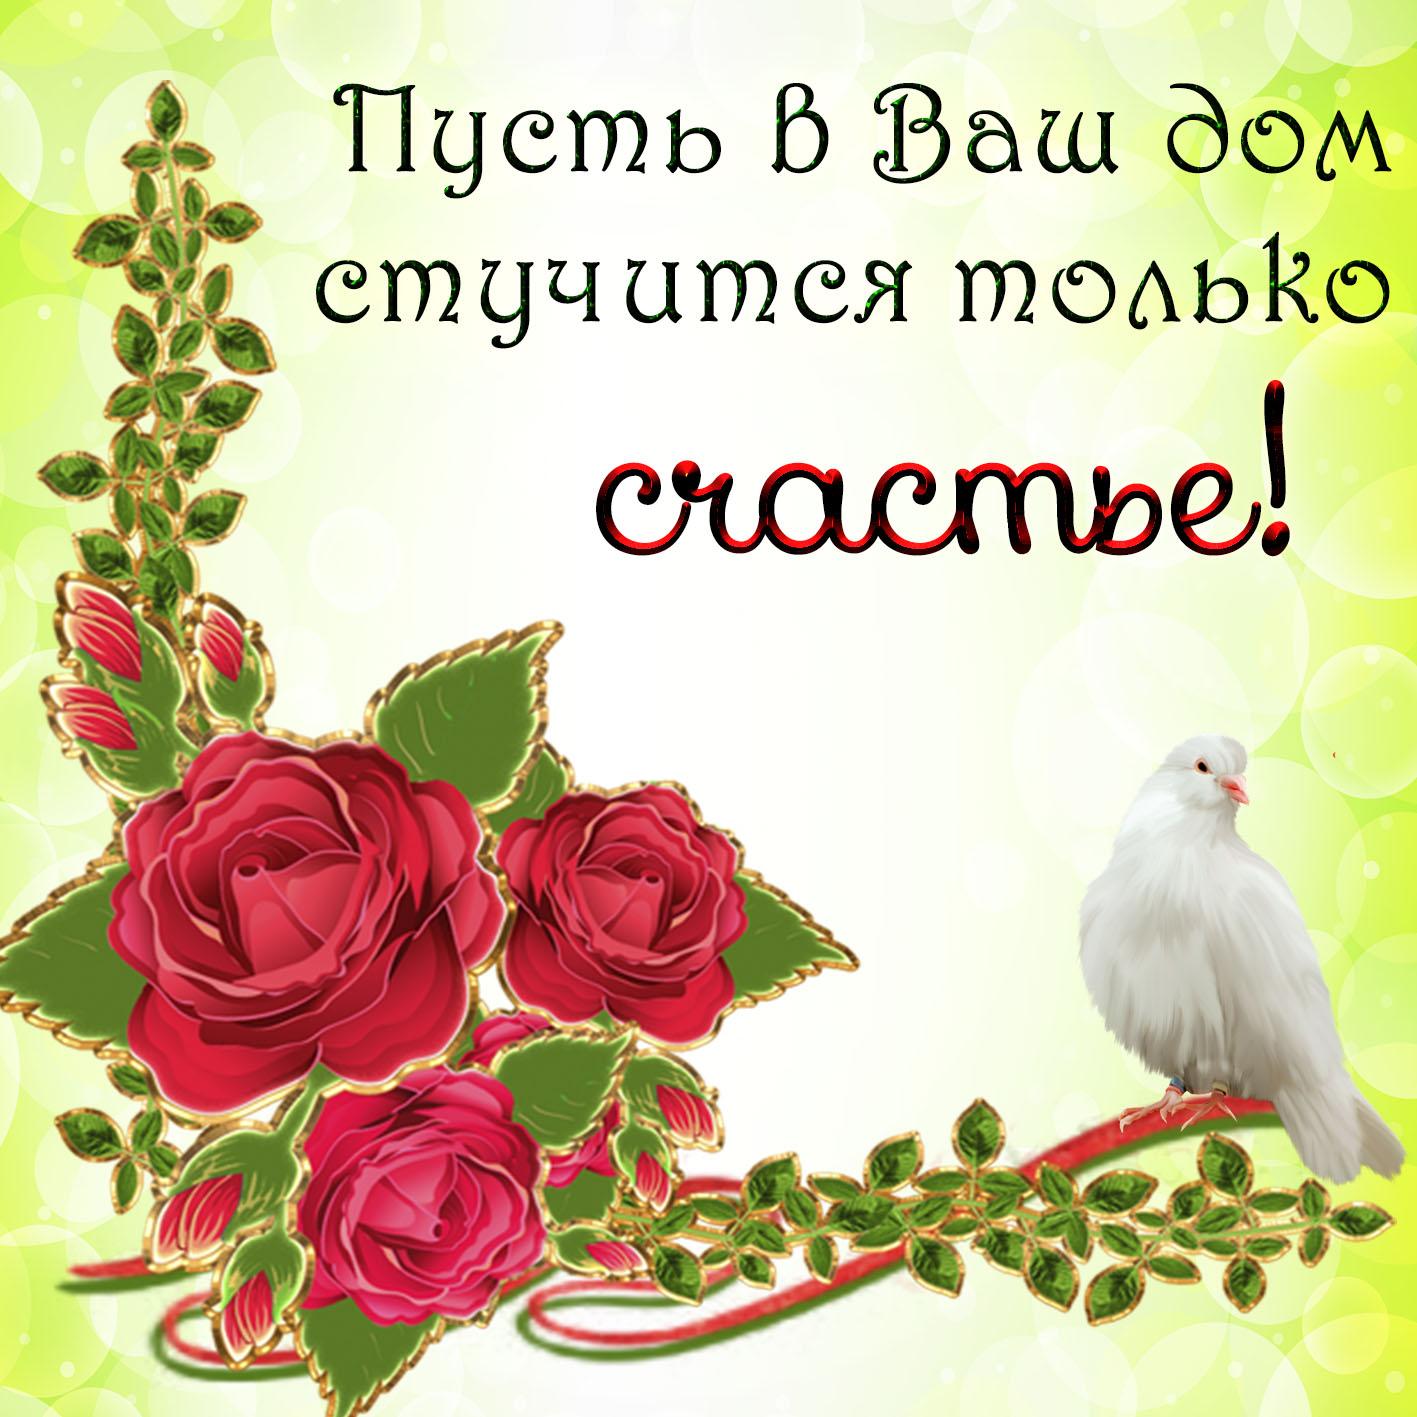 Картинка с пожеланием счастья с голубем и красными розами